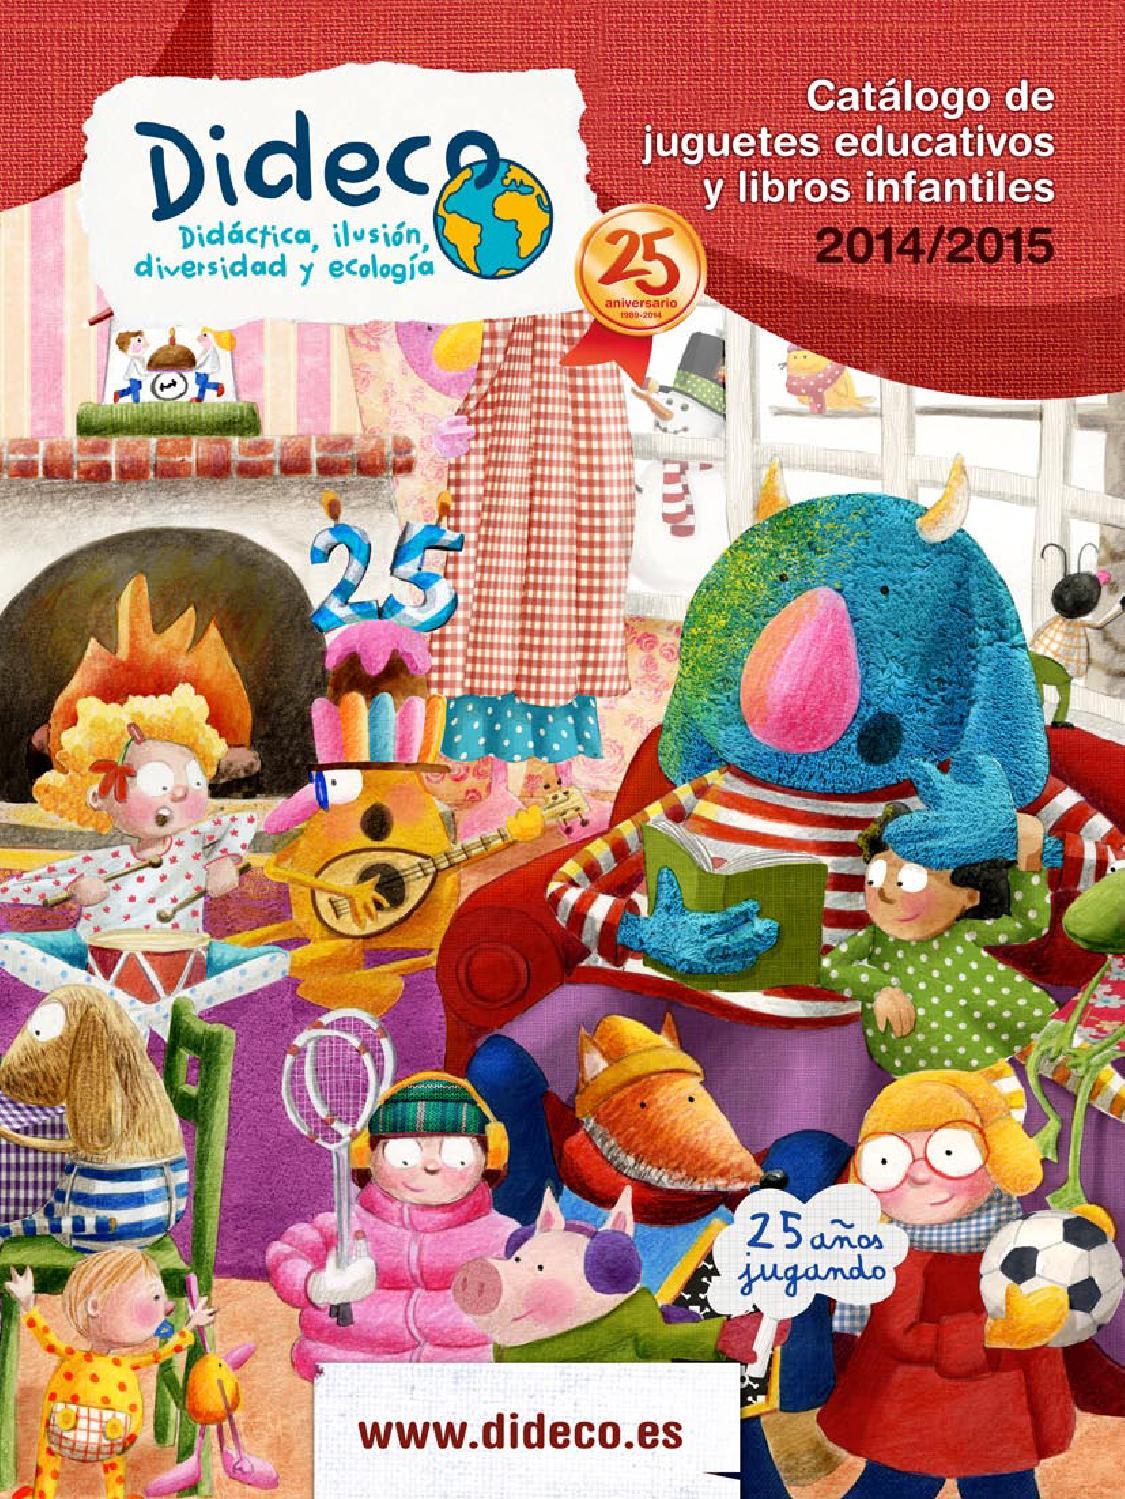 Catalogo juguetes educativos y libros infantiles 2014/2015 by Dideco ...